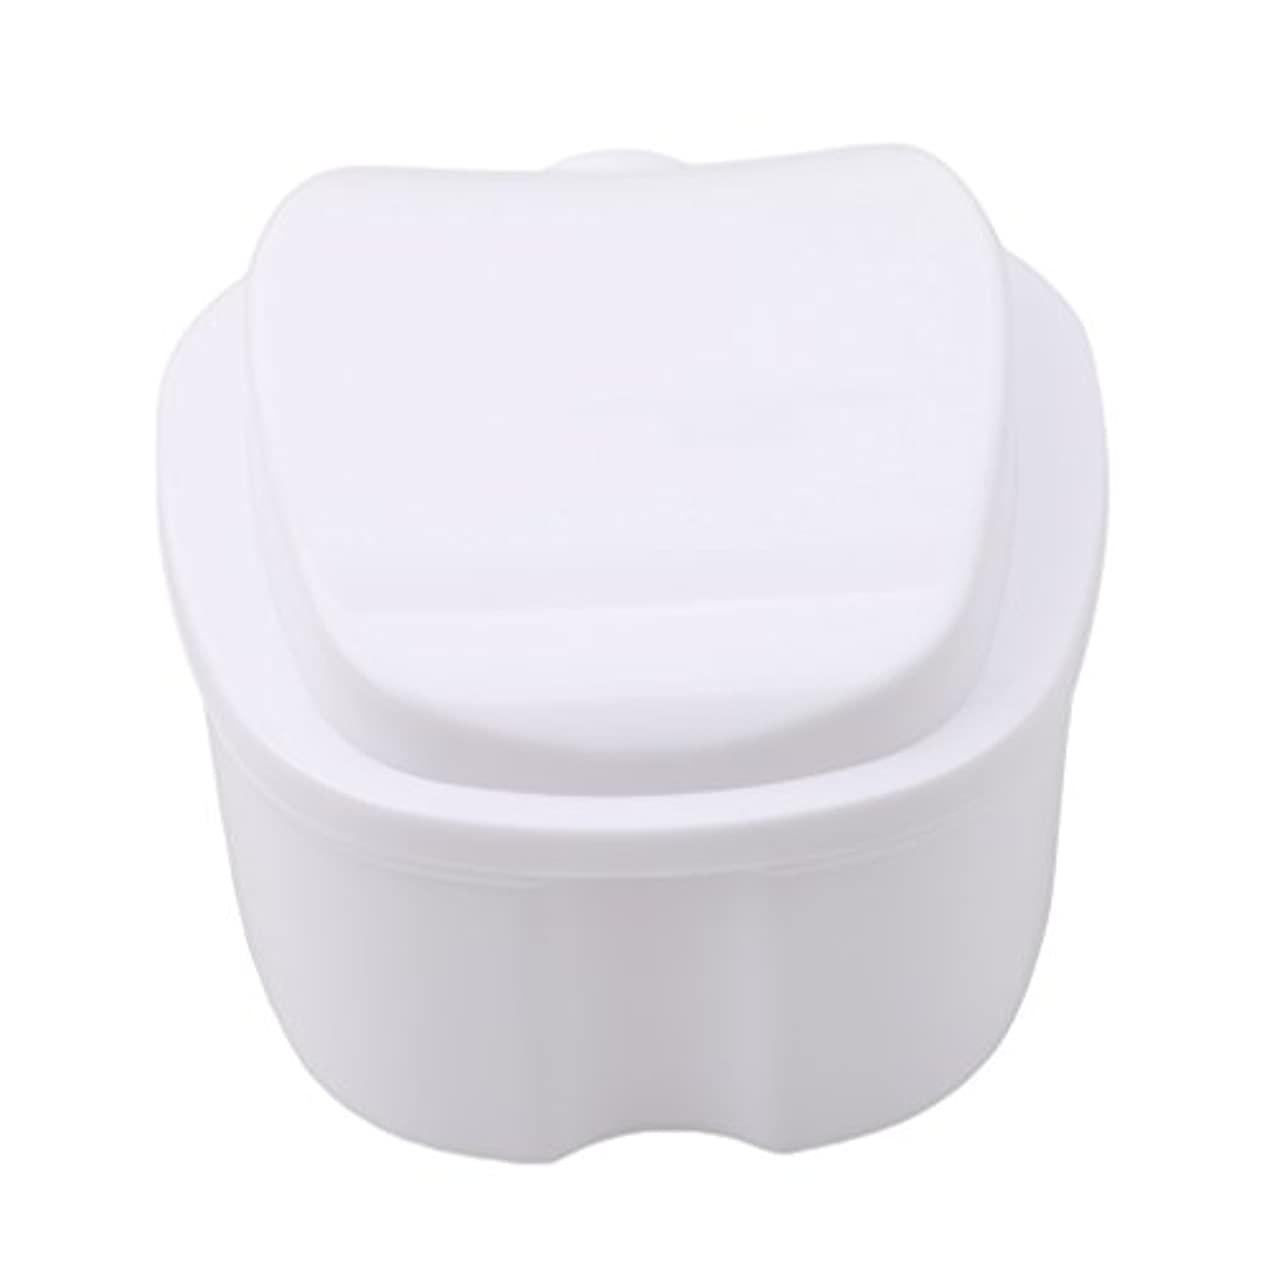 バイオレット航海のソファーHonel 収納ボックス 義歯収納用 リテーナーケース りんご柄 ホワイト